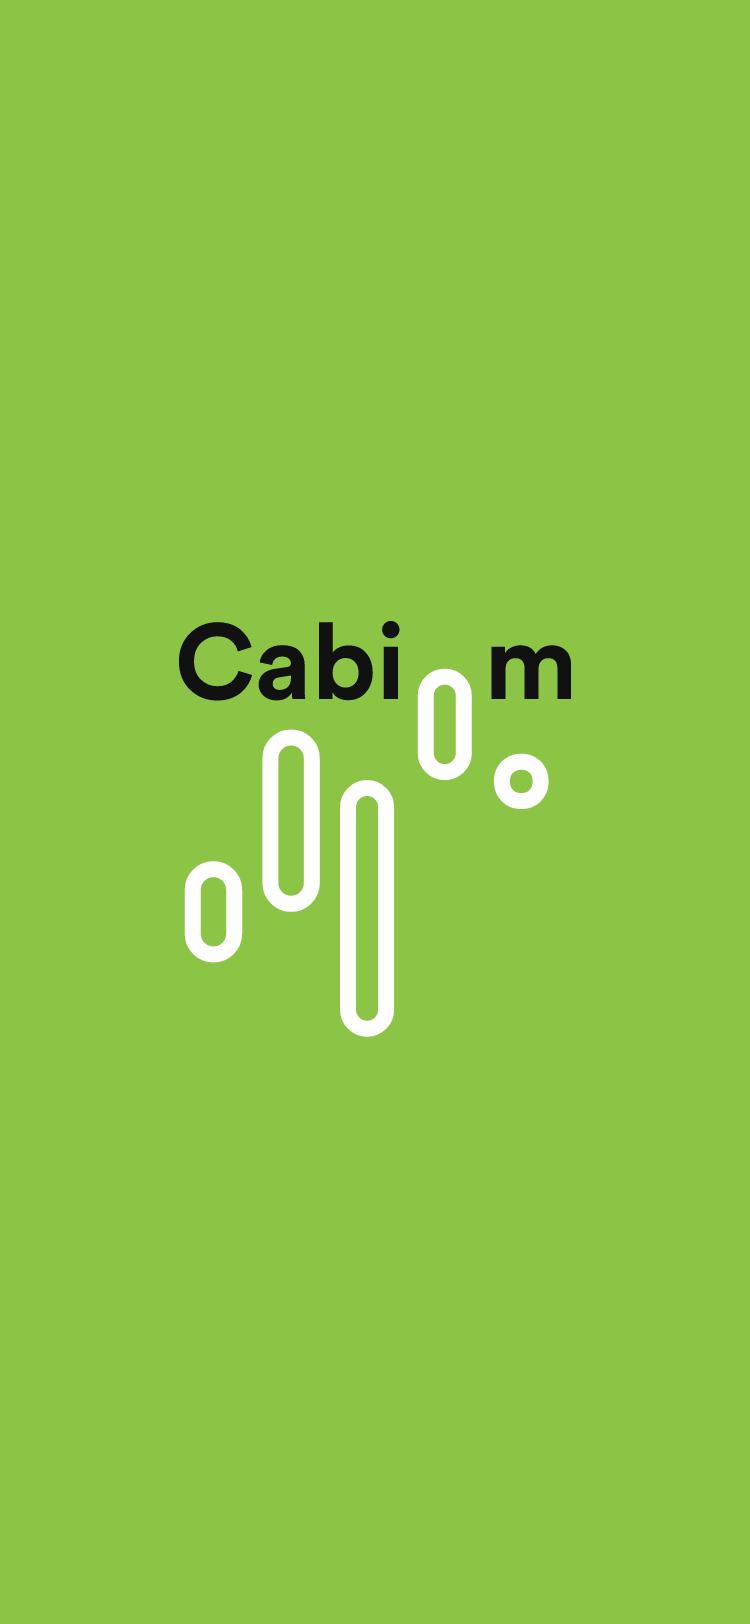 Dotit-Cabiom-Mobile10